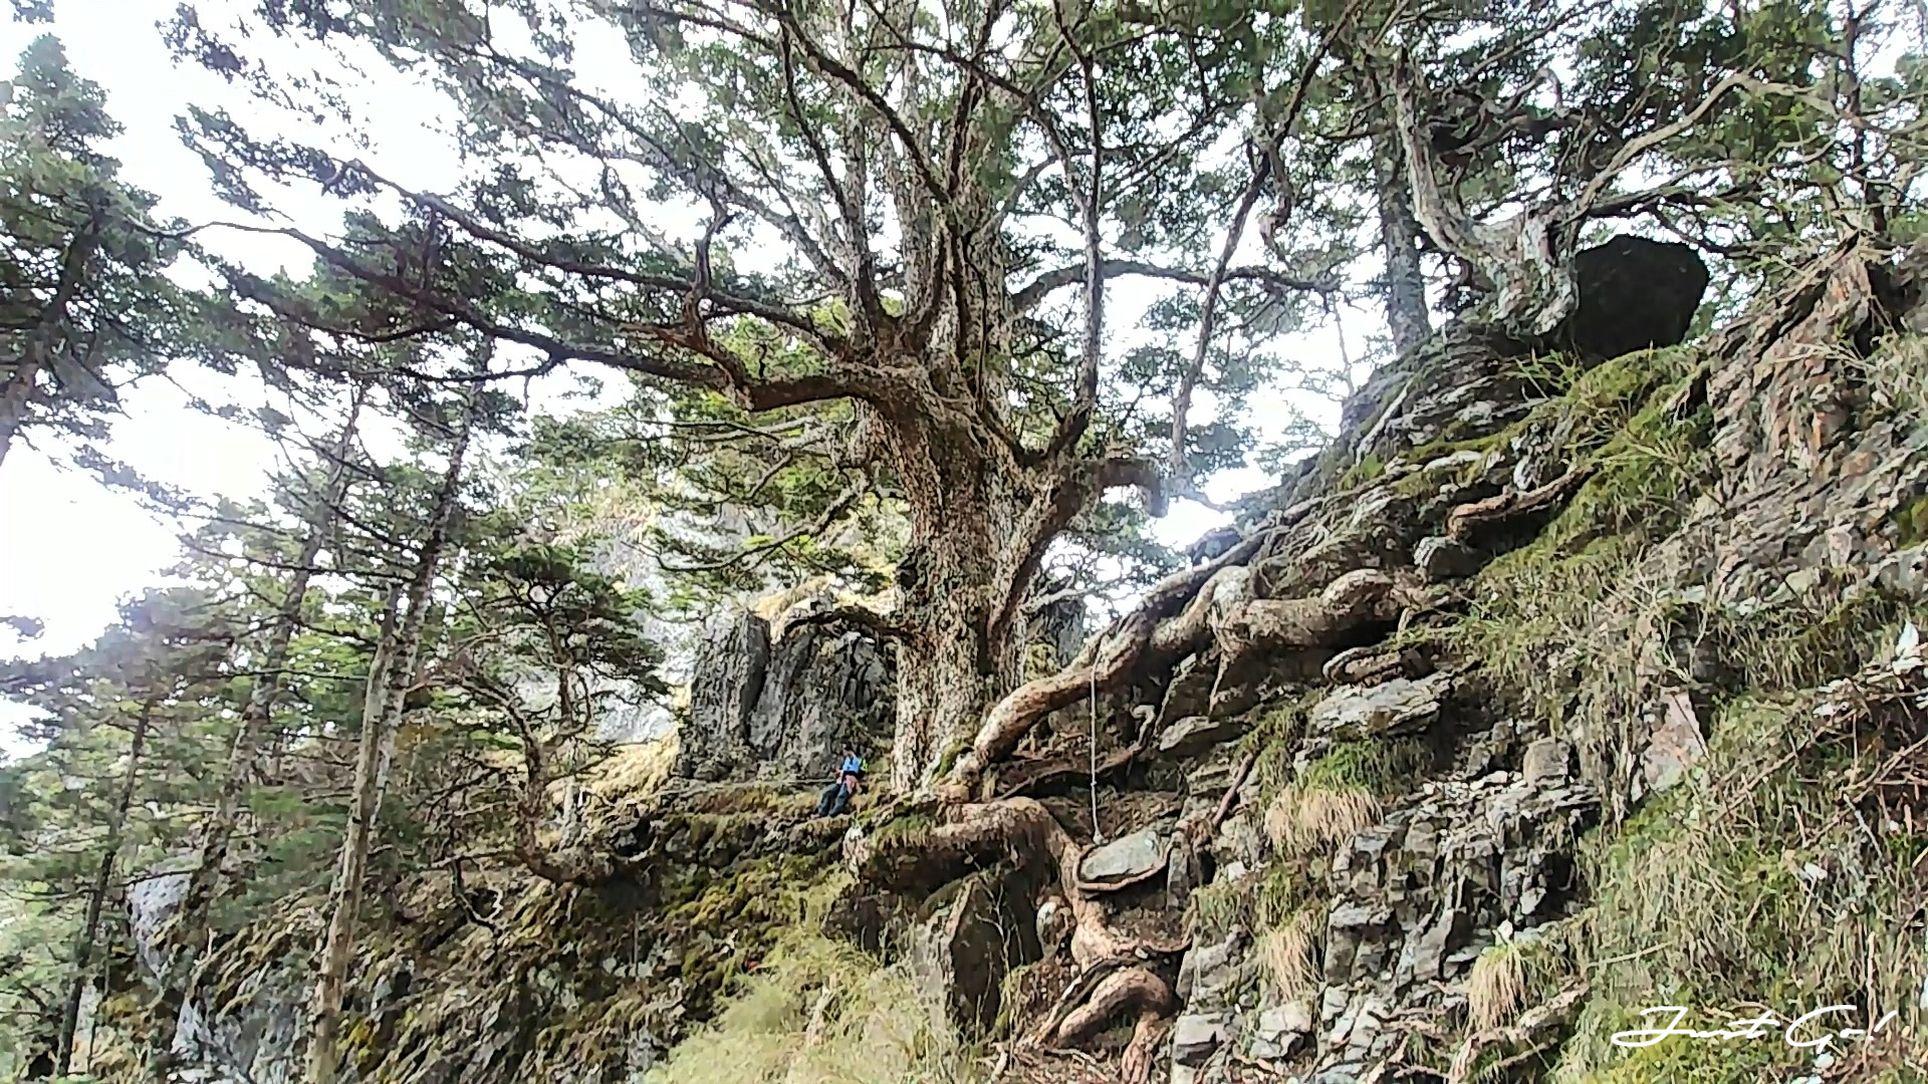 台灣 - 一日百岳·畢祿羊頭縱走單攻紀錄- gpx路線、申請、接駁及遊記27